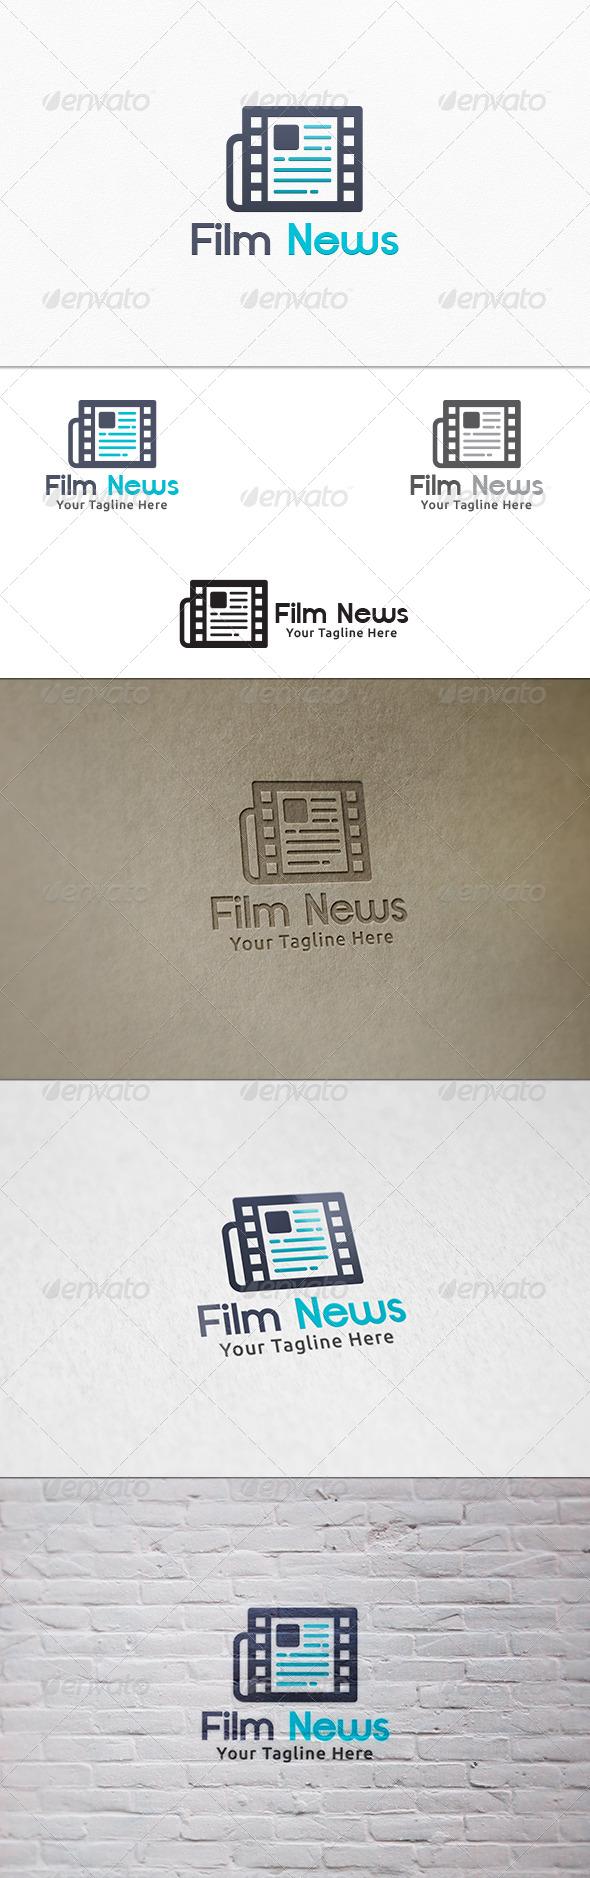 Film News V2 - Logo Template - Symbols Logo Templates